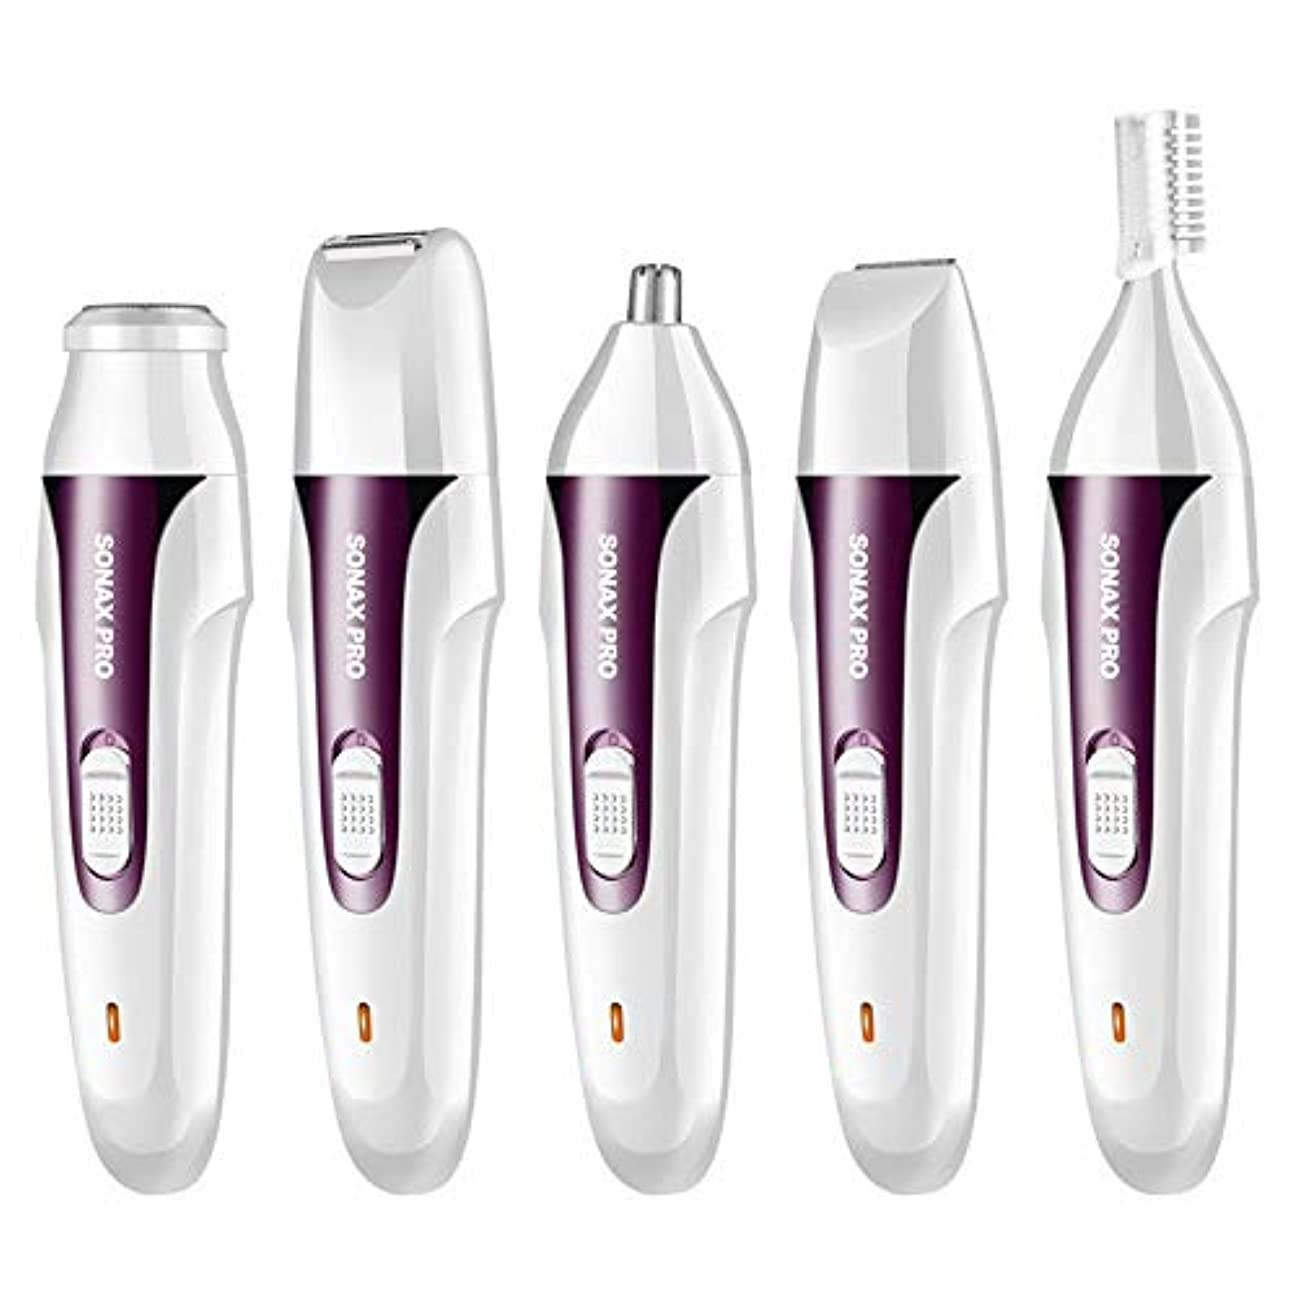 野生測定マリナー鼻毛カッター はなげカッター 電気鼻耳トリマー、眉毛トリマー、オールインONEヘアーリムーバー女性、無痛カミソリテクノロジー (Color : Purple, Size : USB)